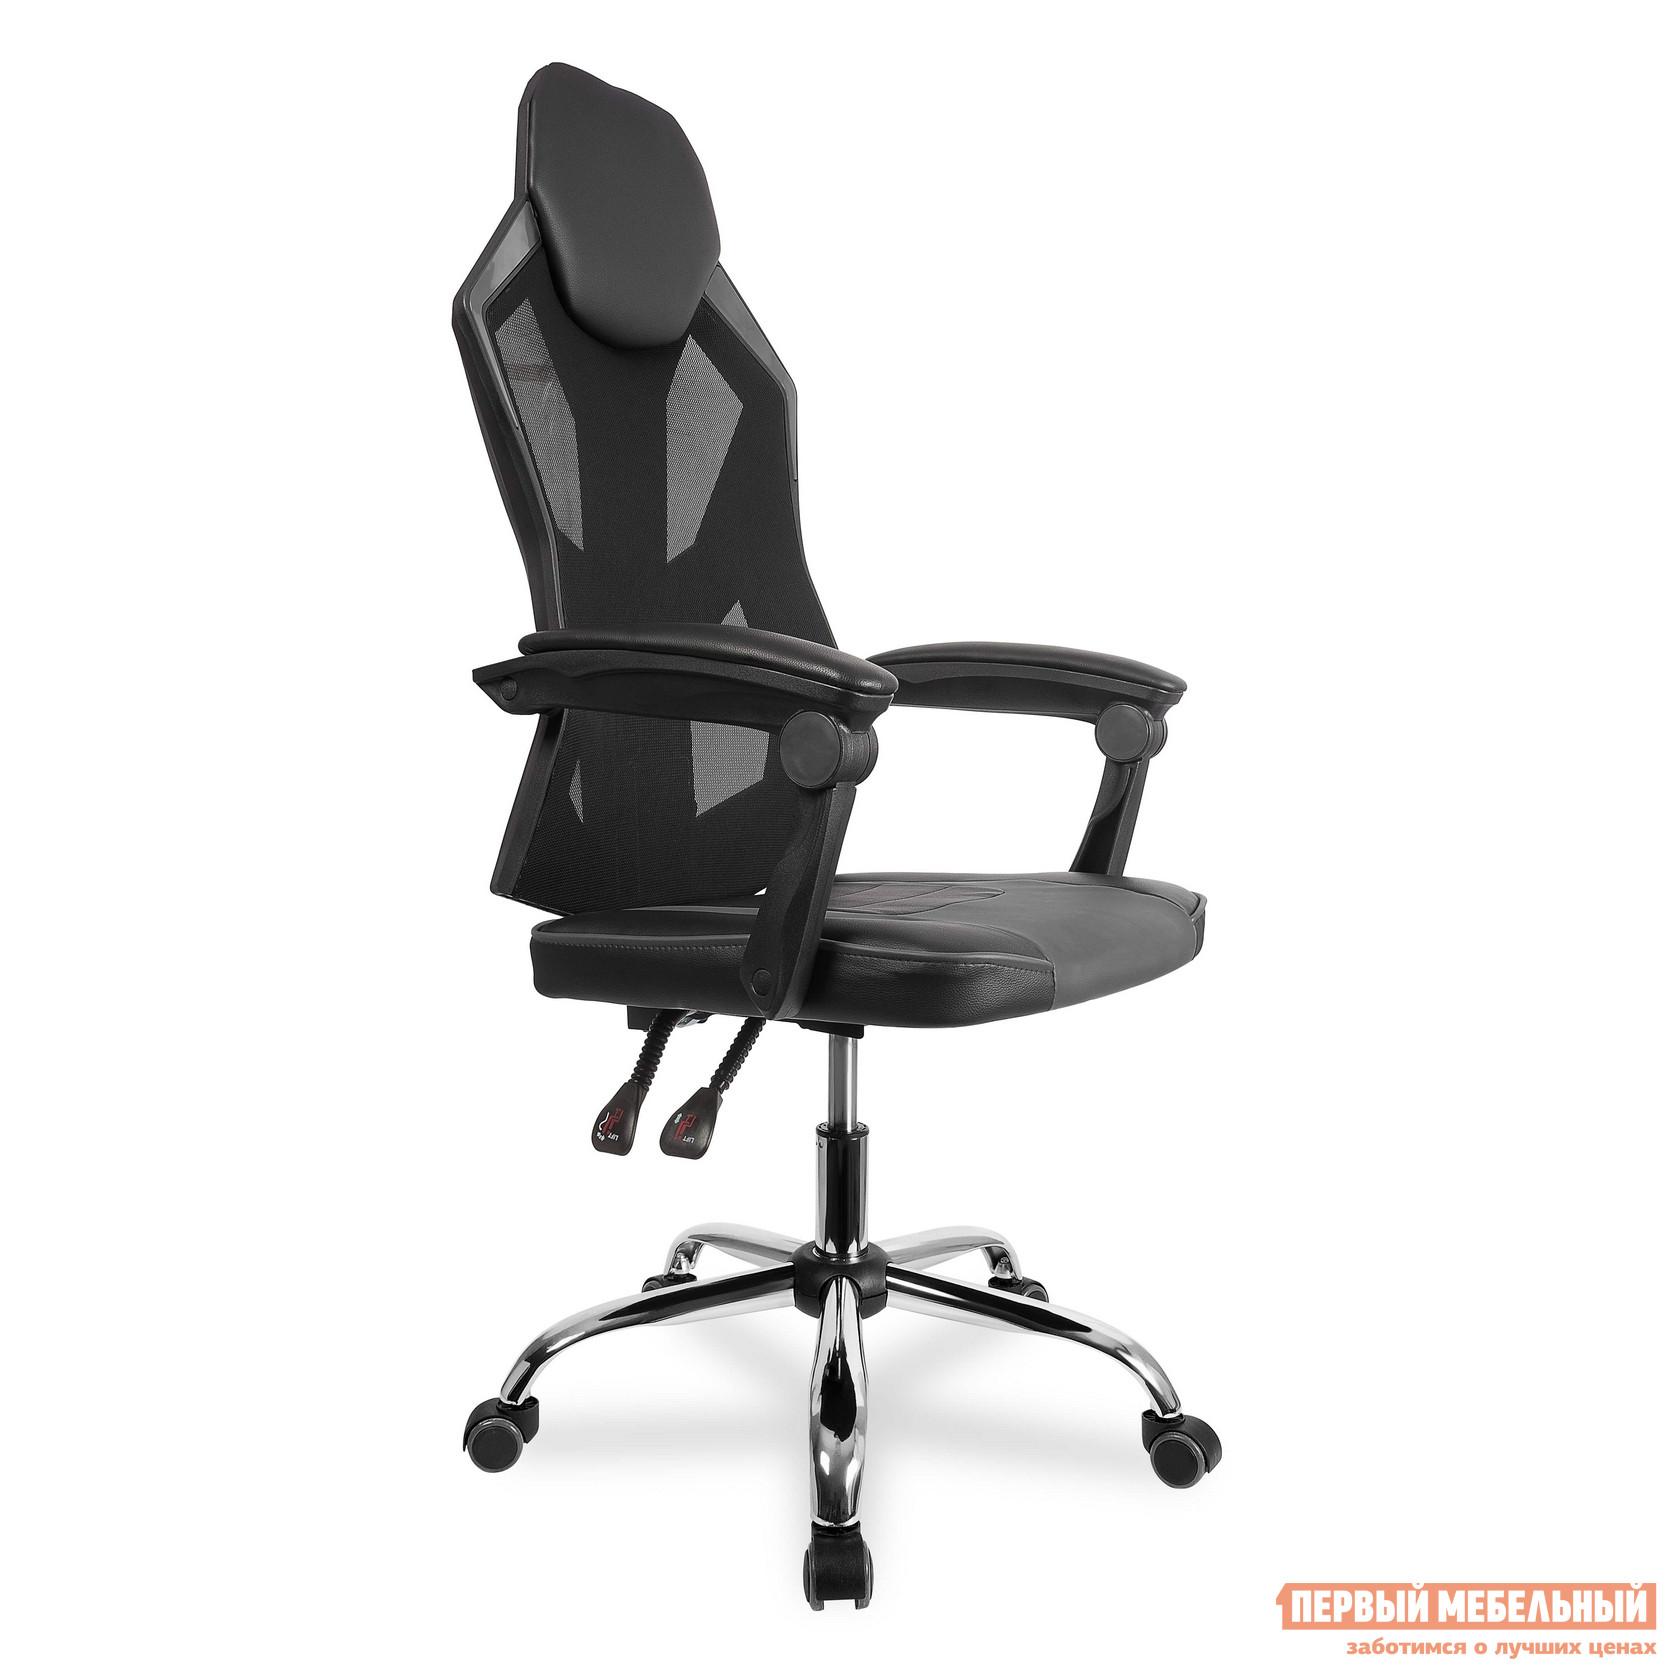 Игровое кресло College Кресло CLG-802 LXH кресло руководителя college clg 620 lxh a